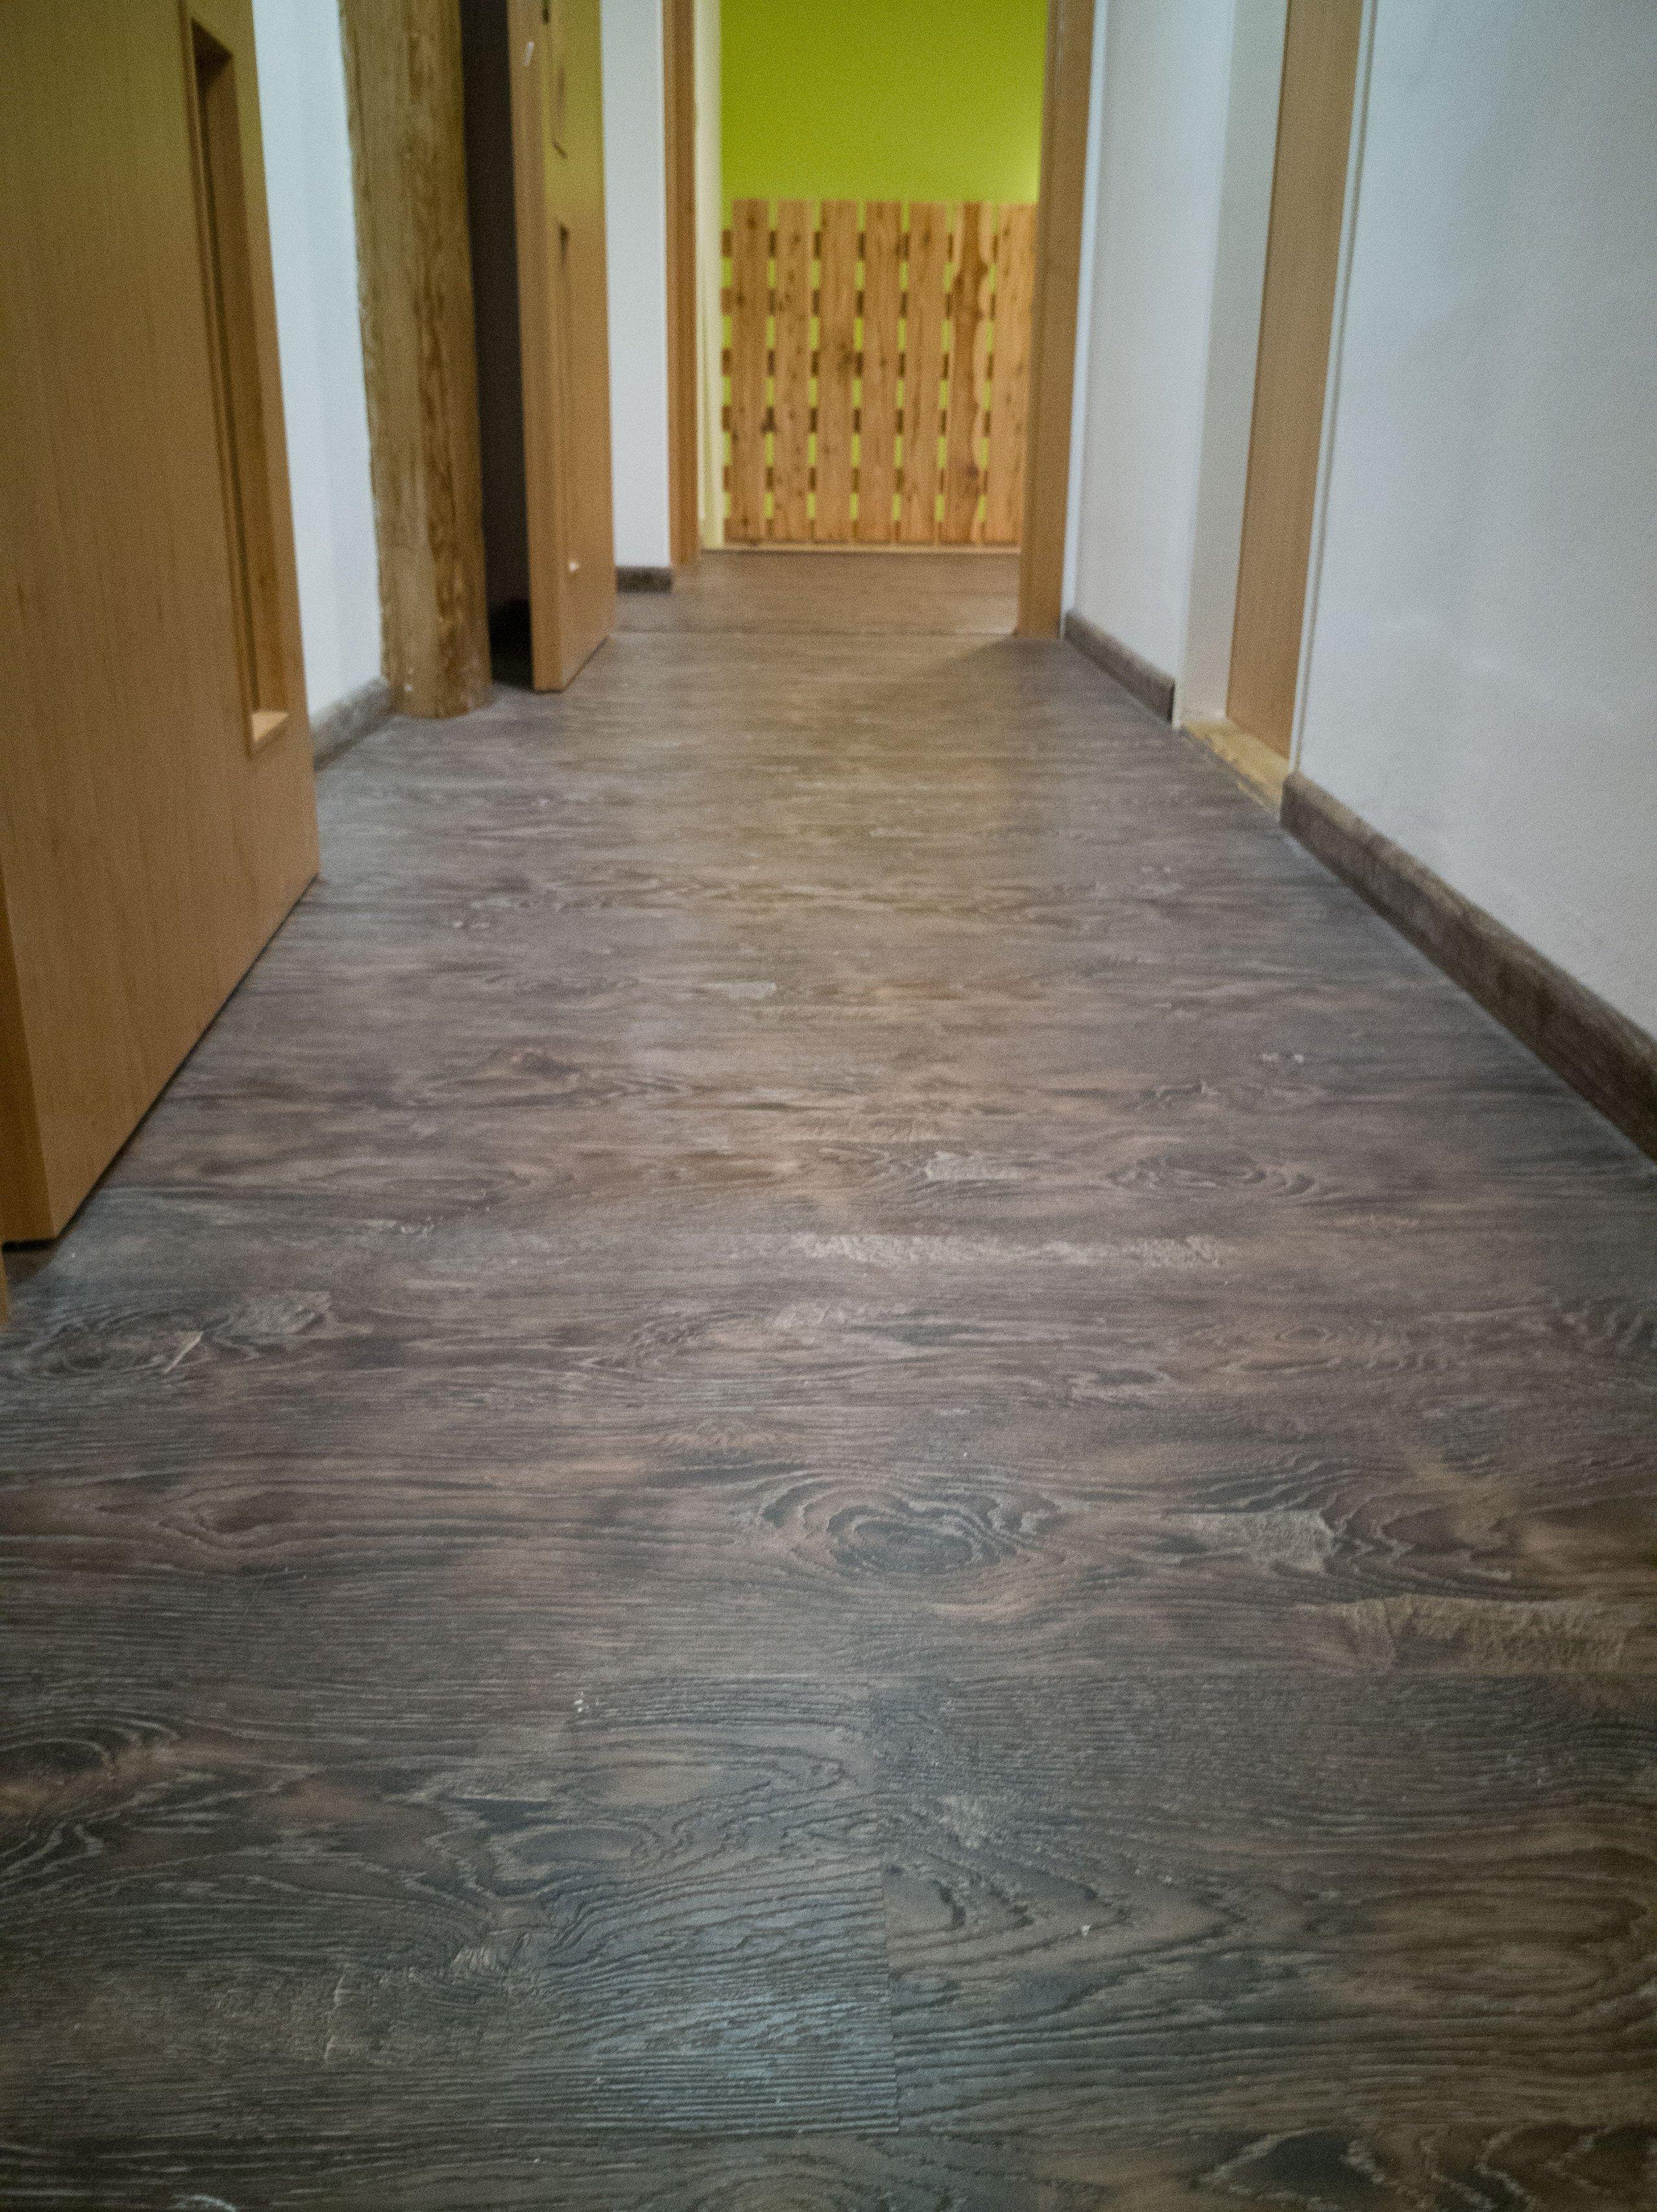 Stejný dekor podlahy je v celém patře, včetně chodby.